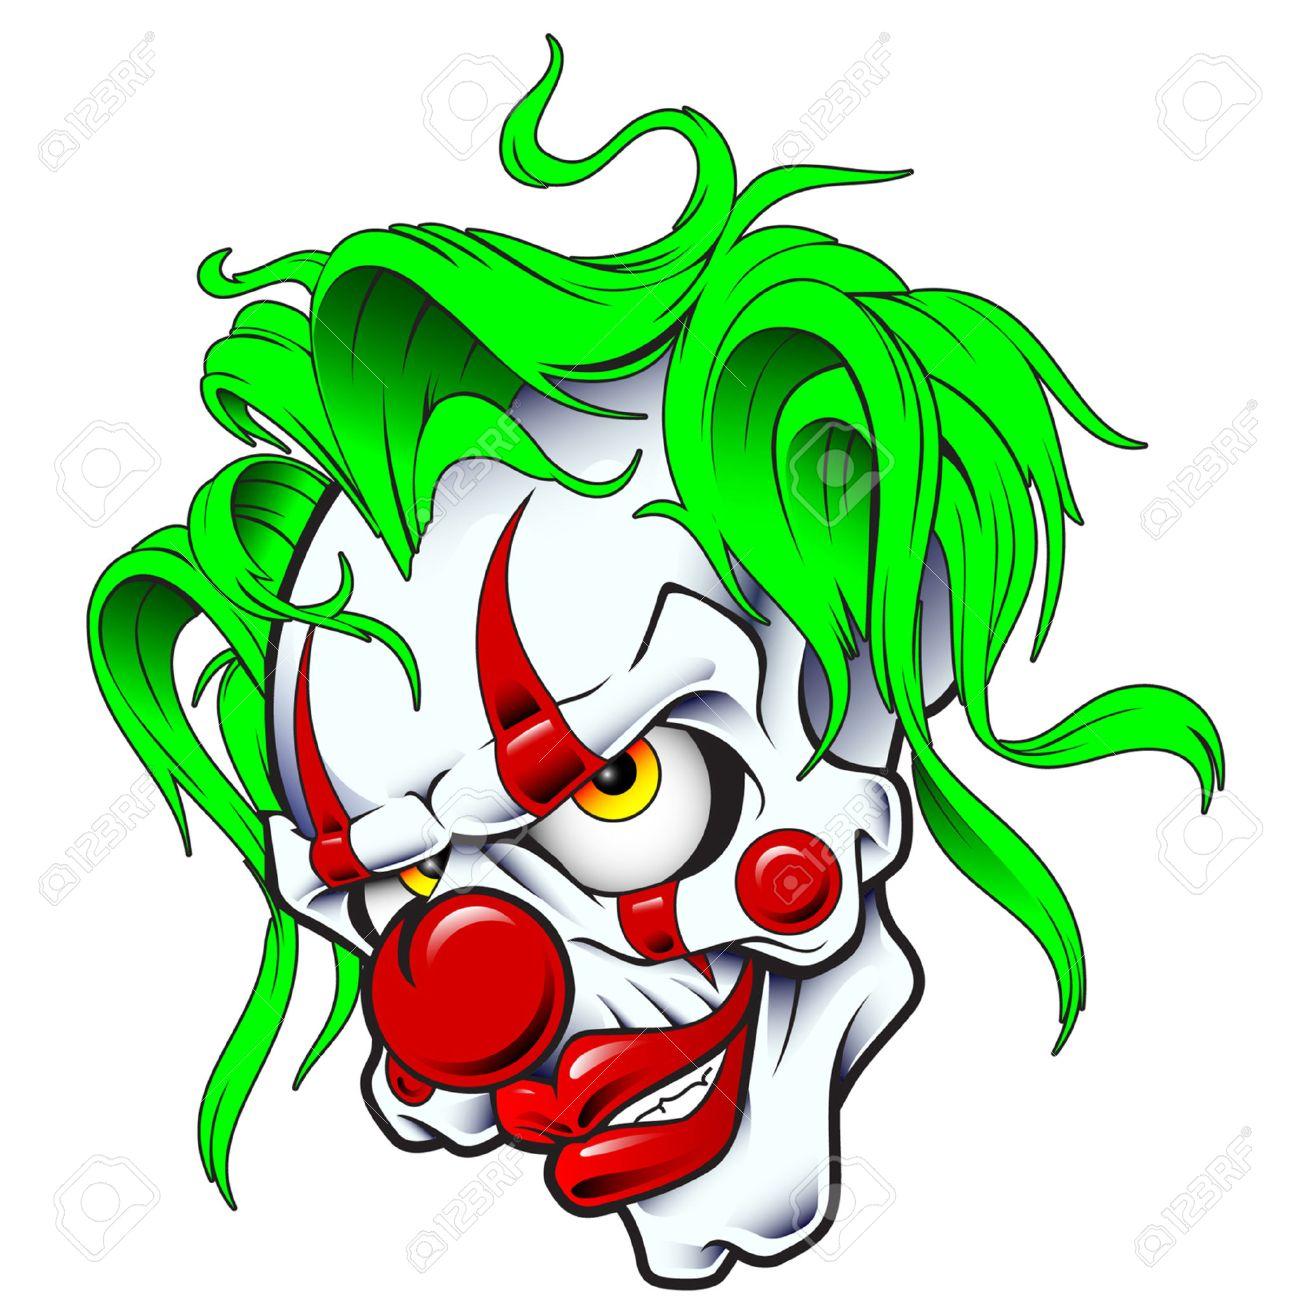 joker skull royalty free cliparts vectors and stock illustration rh 123rf com joker vector joker vector wallpaper